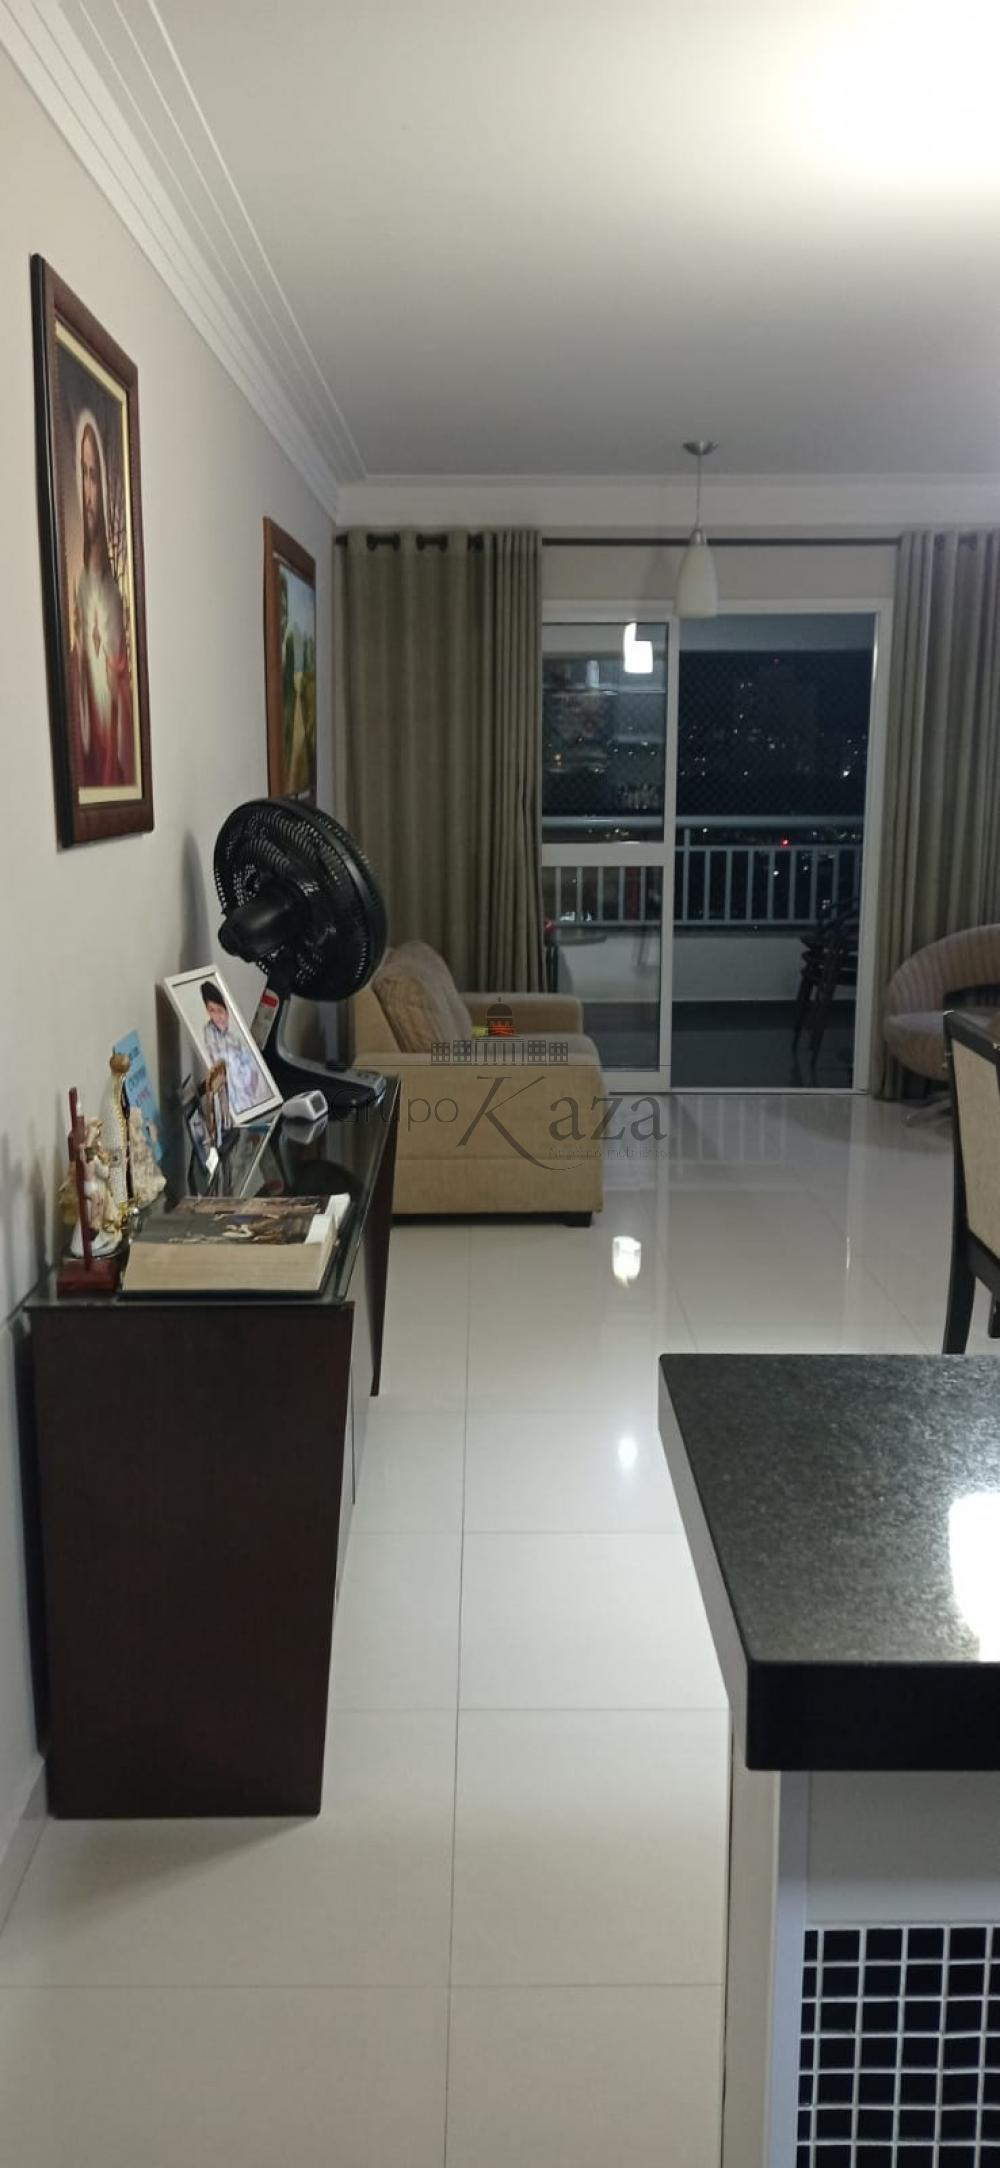 alt='Comprar Apartamento / Padrão em São José dos Campos R$ 480.000,00 - Foto 2' title='Comprar Apartamento / Padrão em São José dos Campos R$ 480.000,00 - Foto 2'